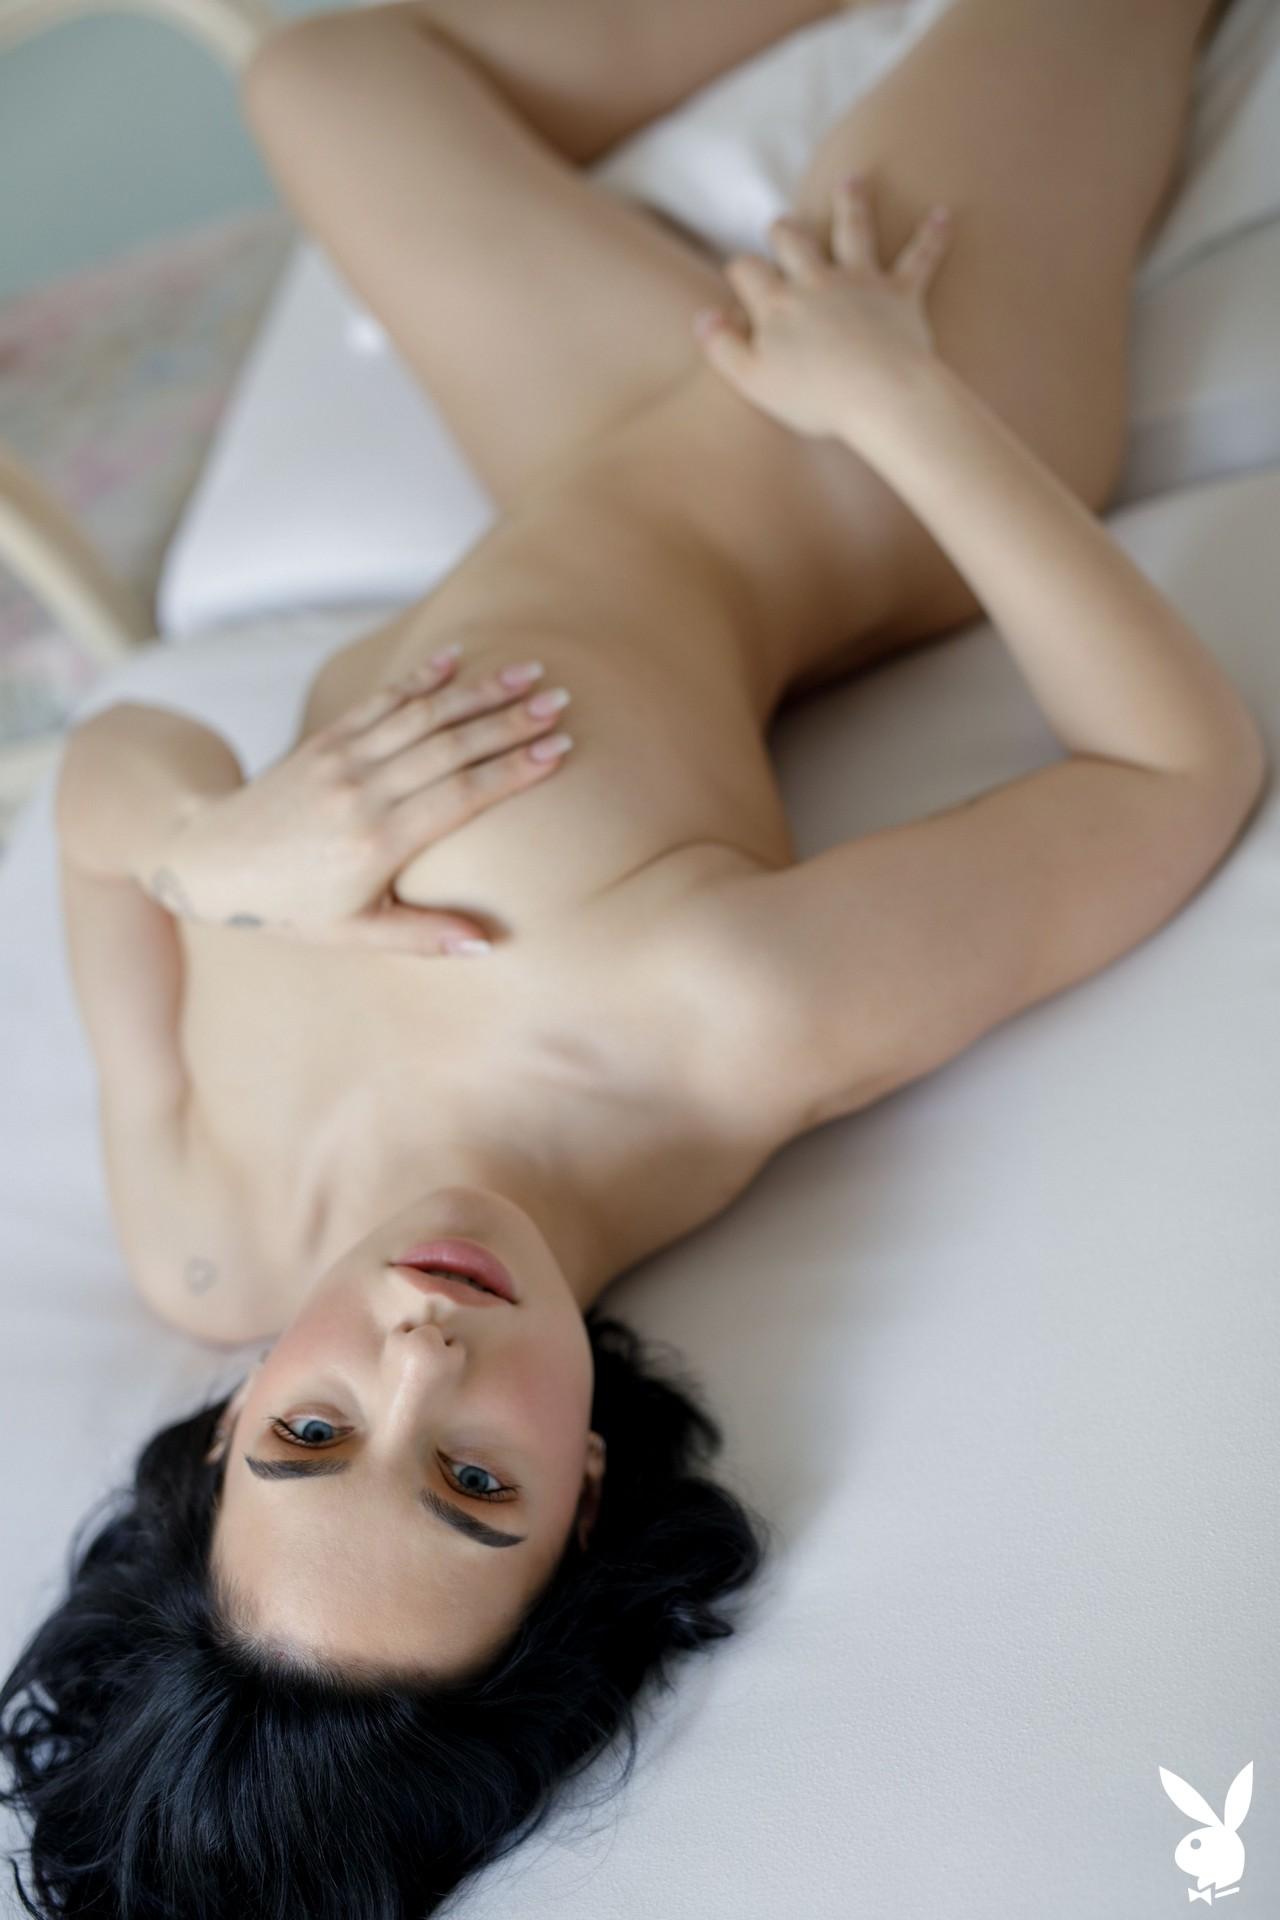 Marisa Ehret In Quiet Confidence Playboy Plus (30)